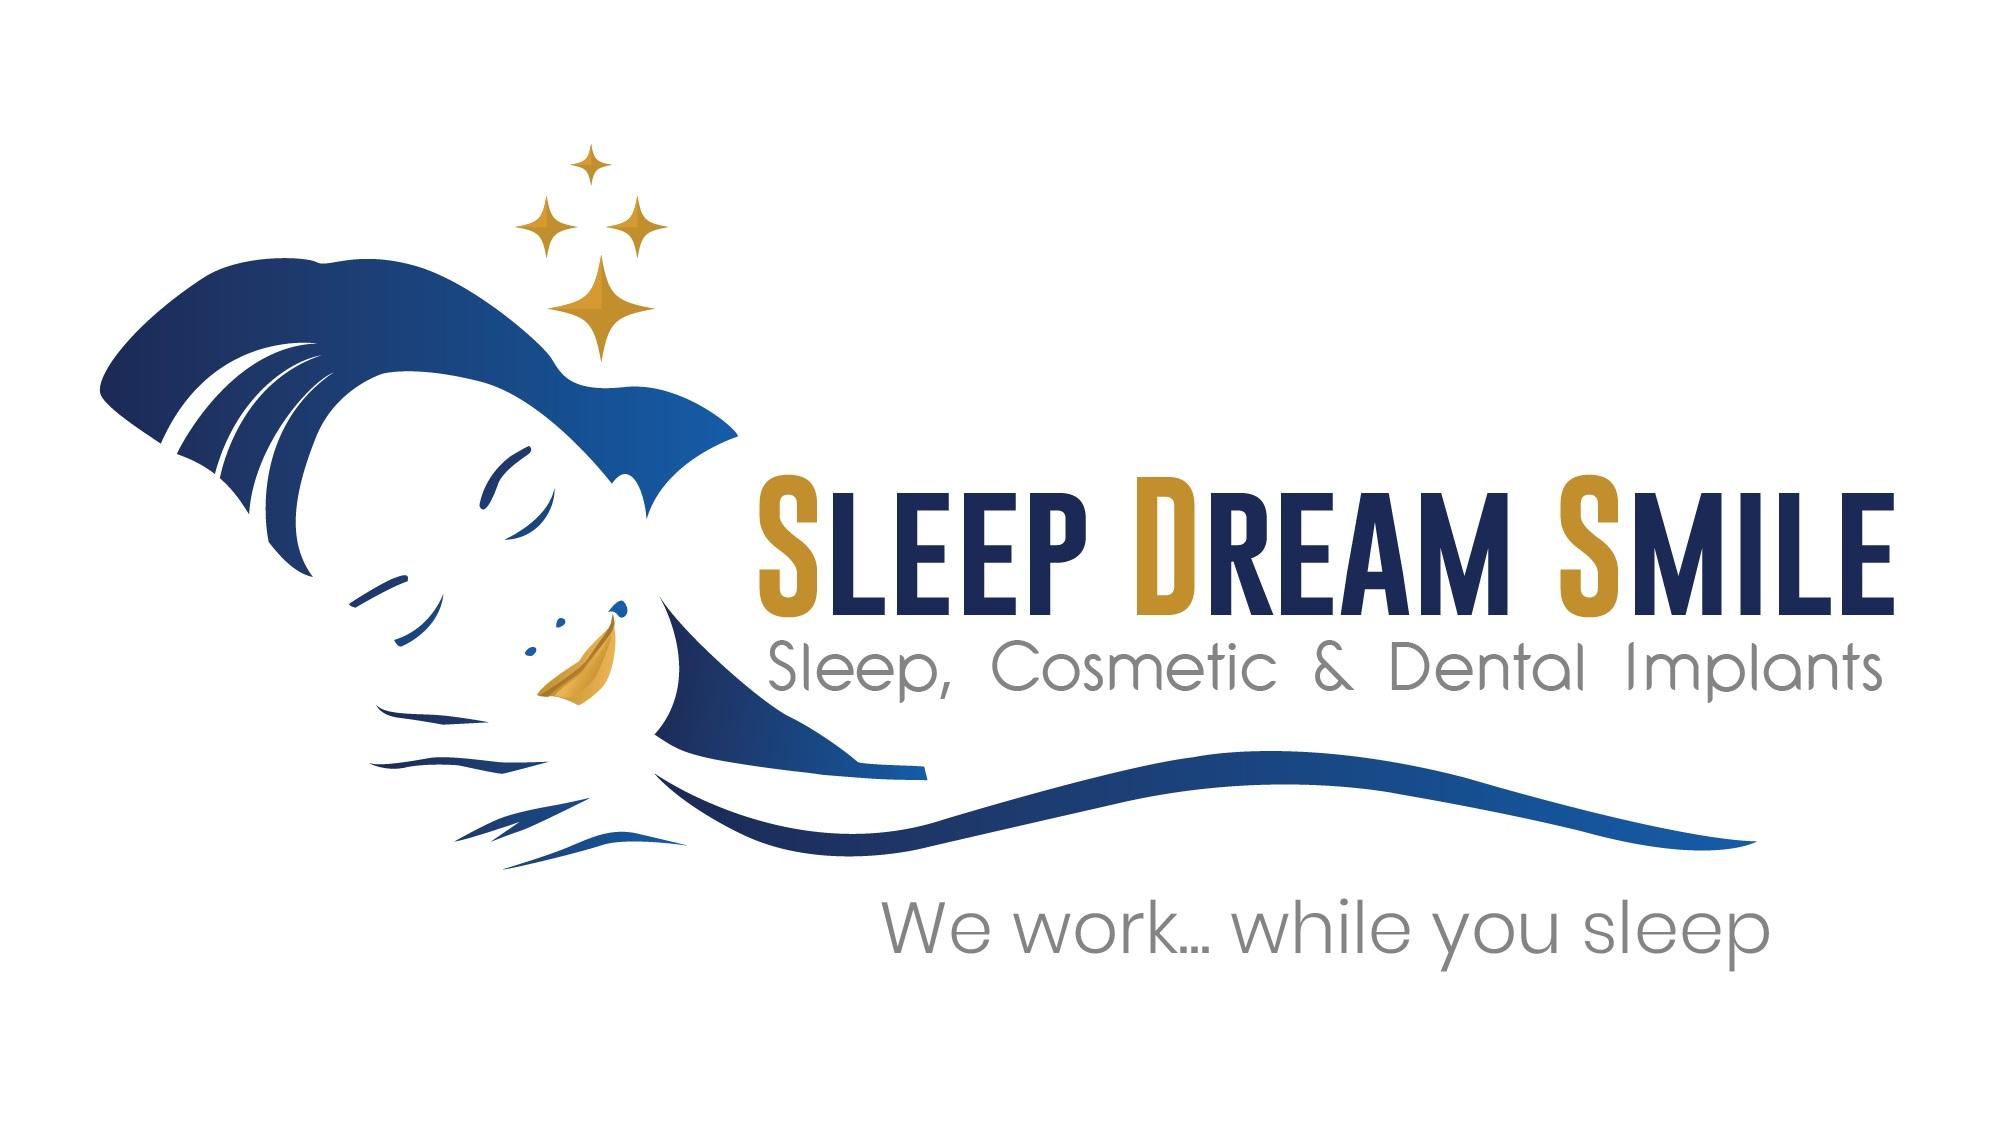 Sleep Dream Smile